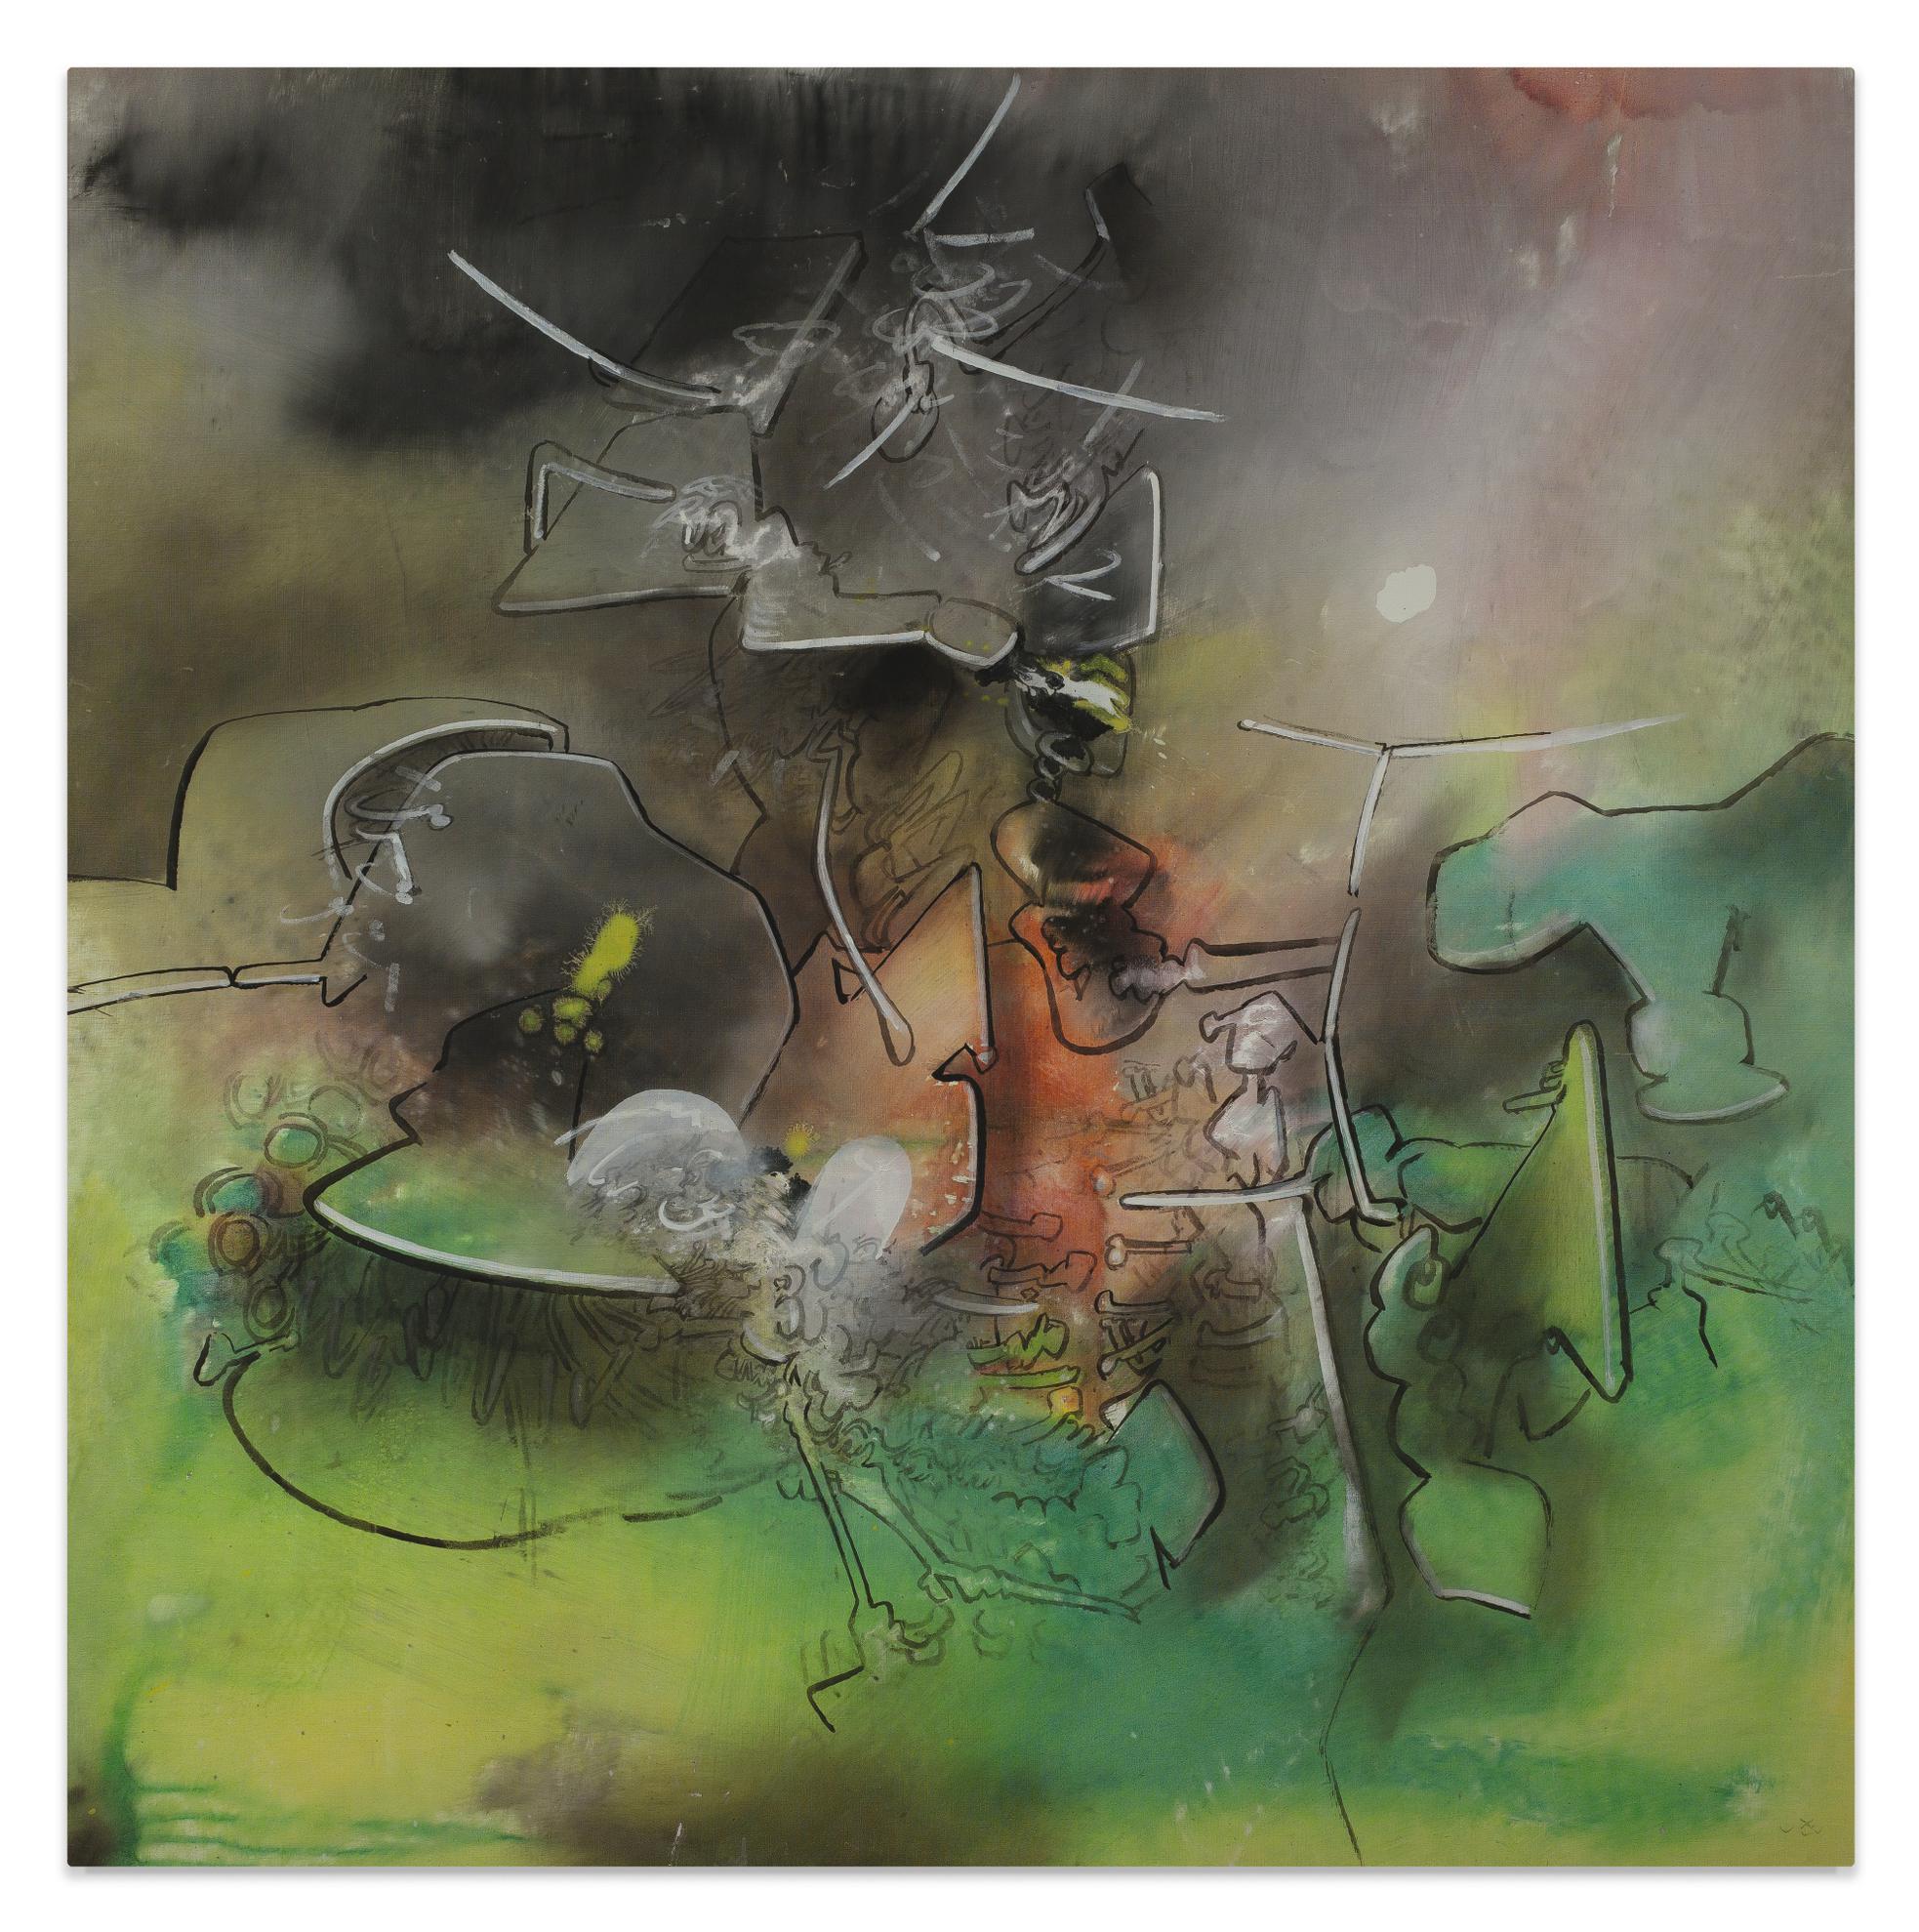 Roberto Matta-Image Invitation-1969